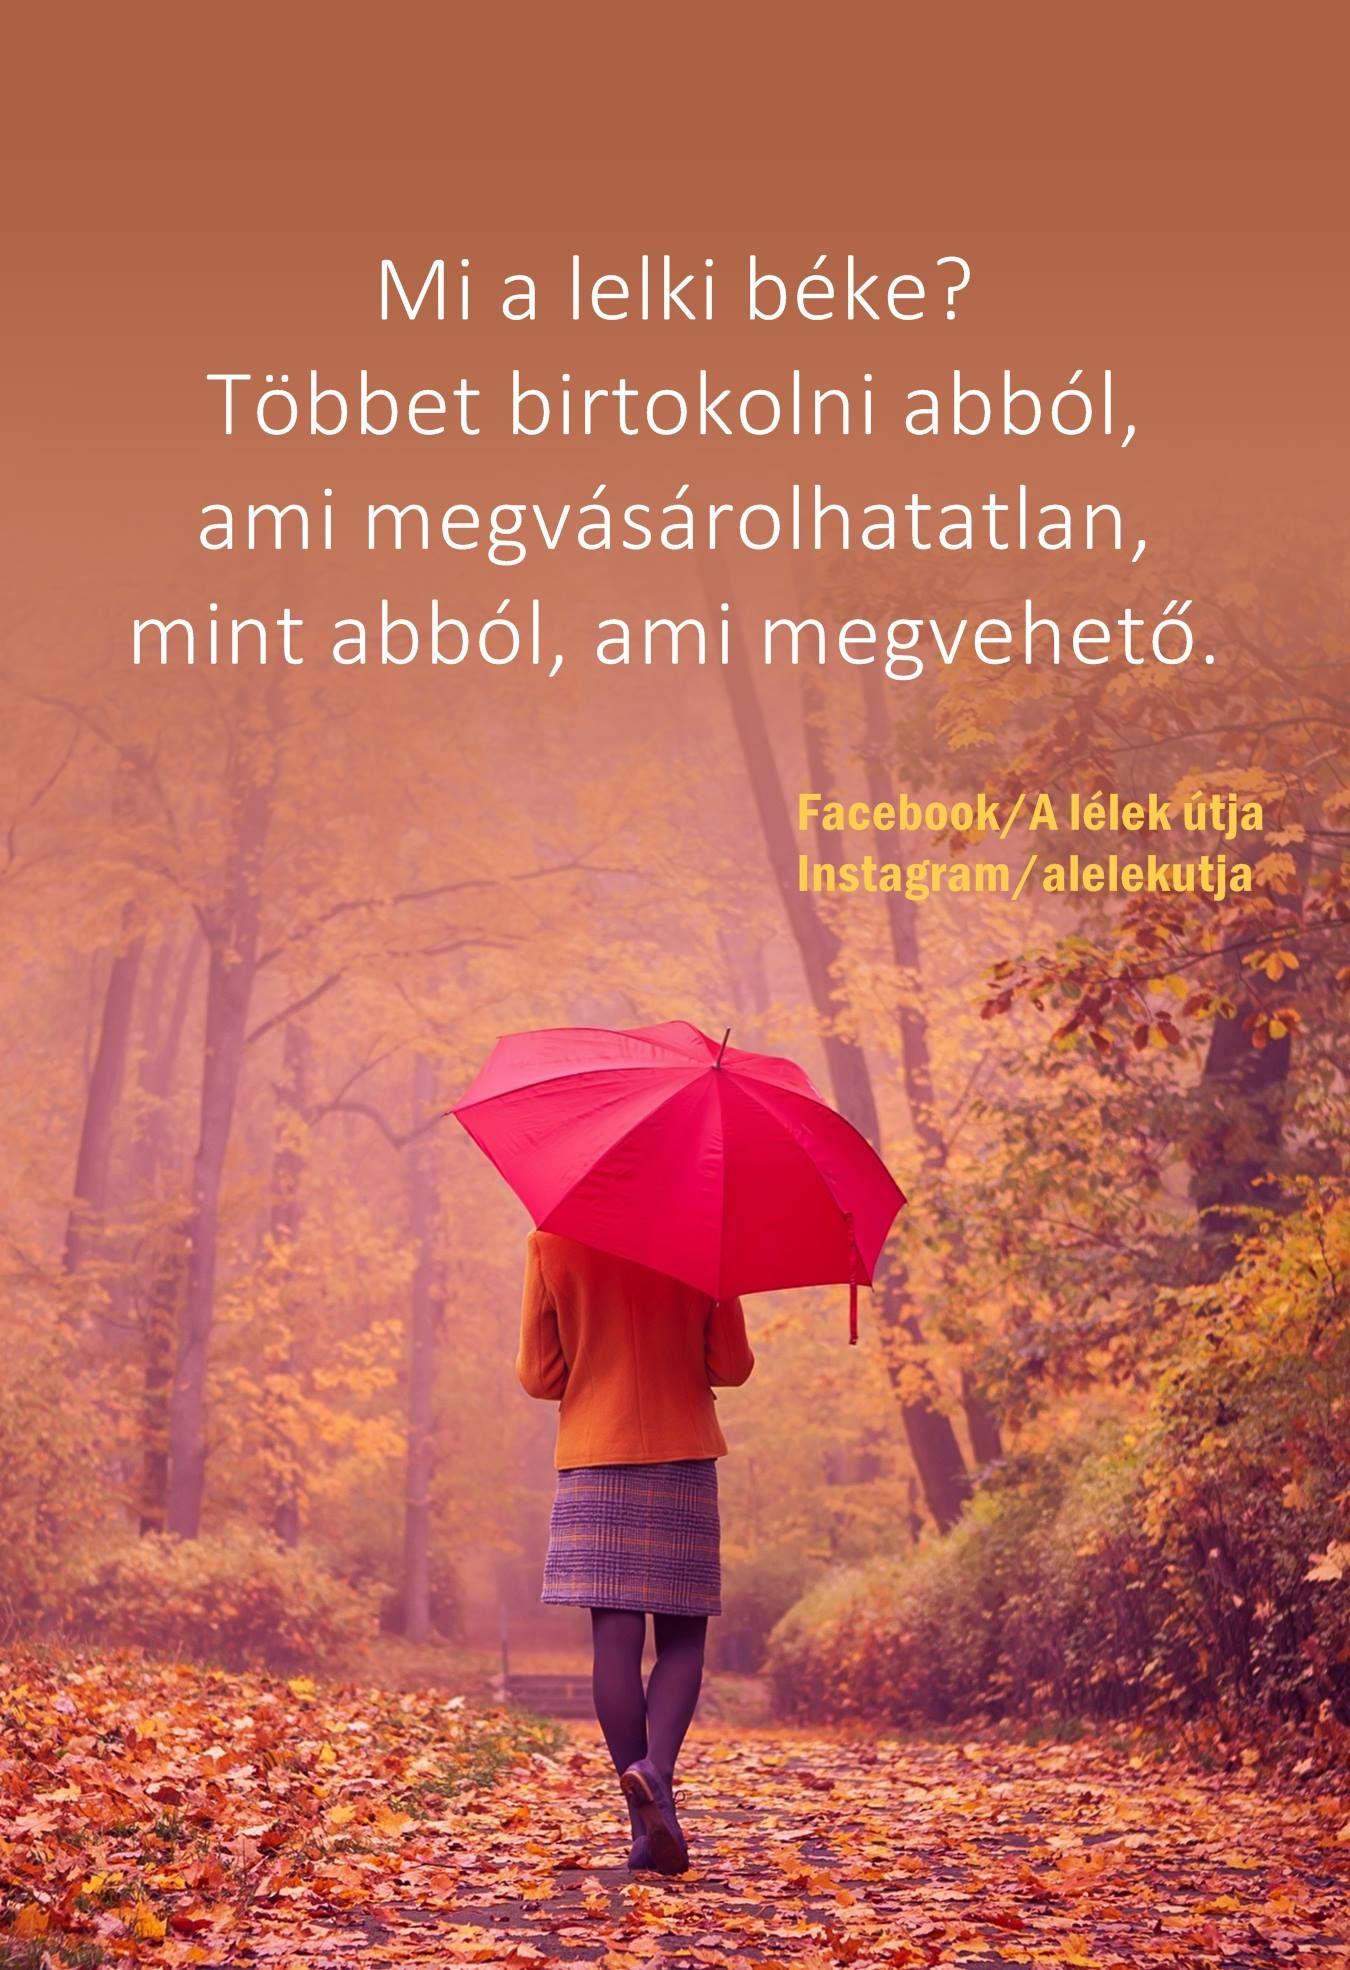 lelki egészség idézetek Pin by Ivett Belléncs on Gyujtemeny | Favorite quotes, Life, Thoughts